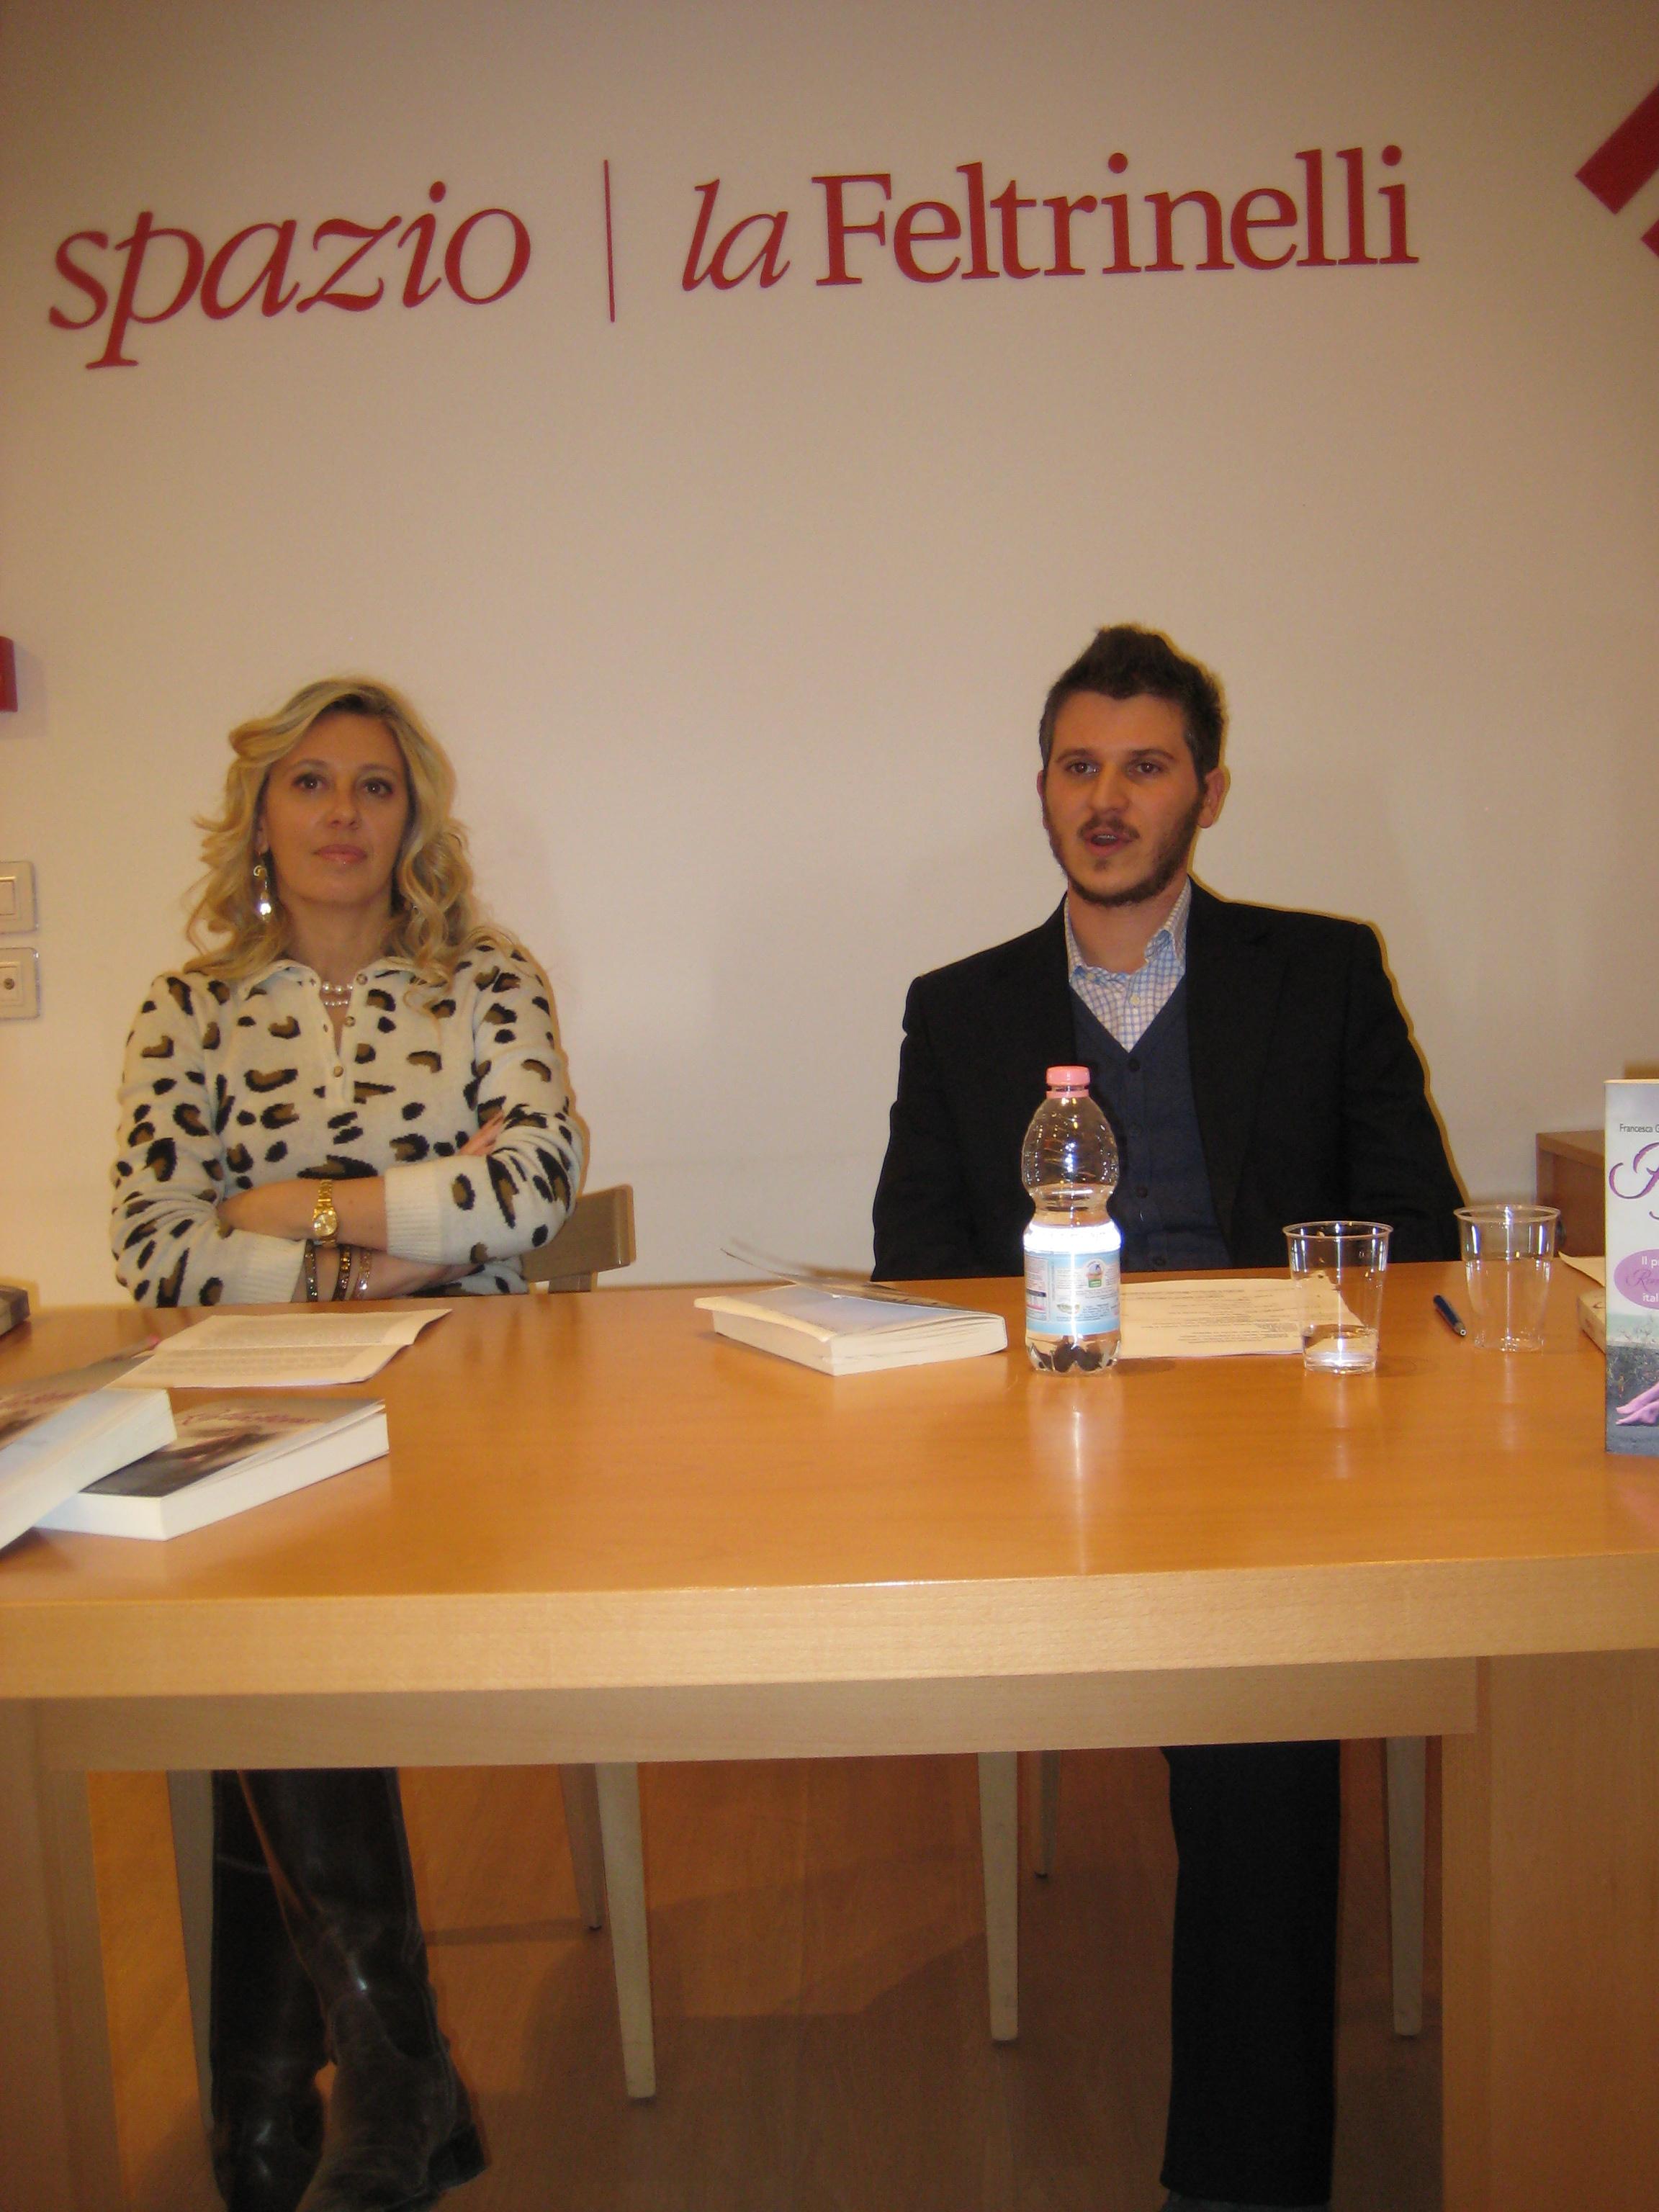 02.02.2012 - Feltrinelli Brescia